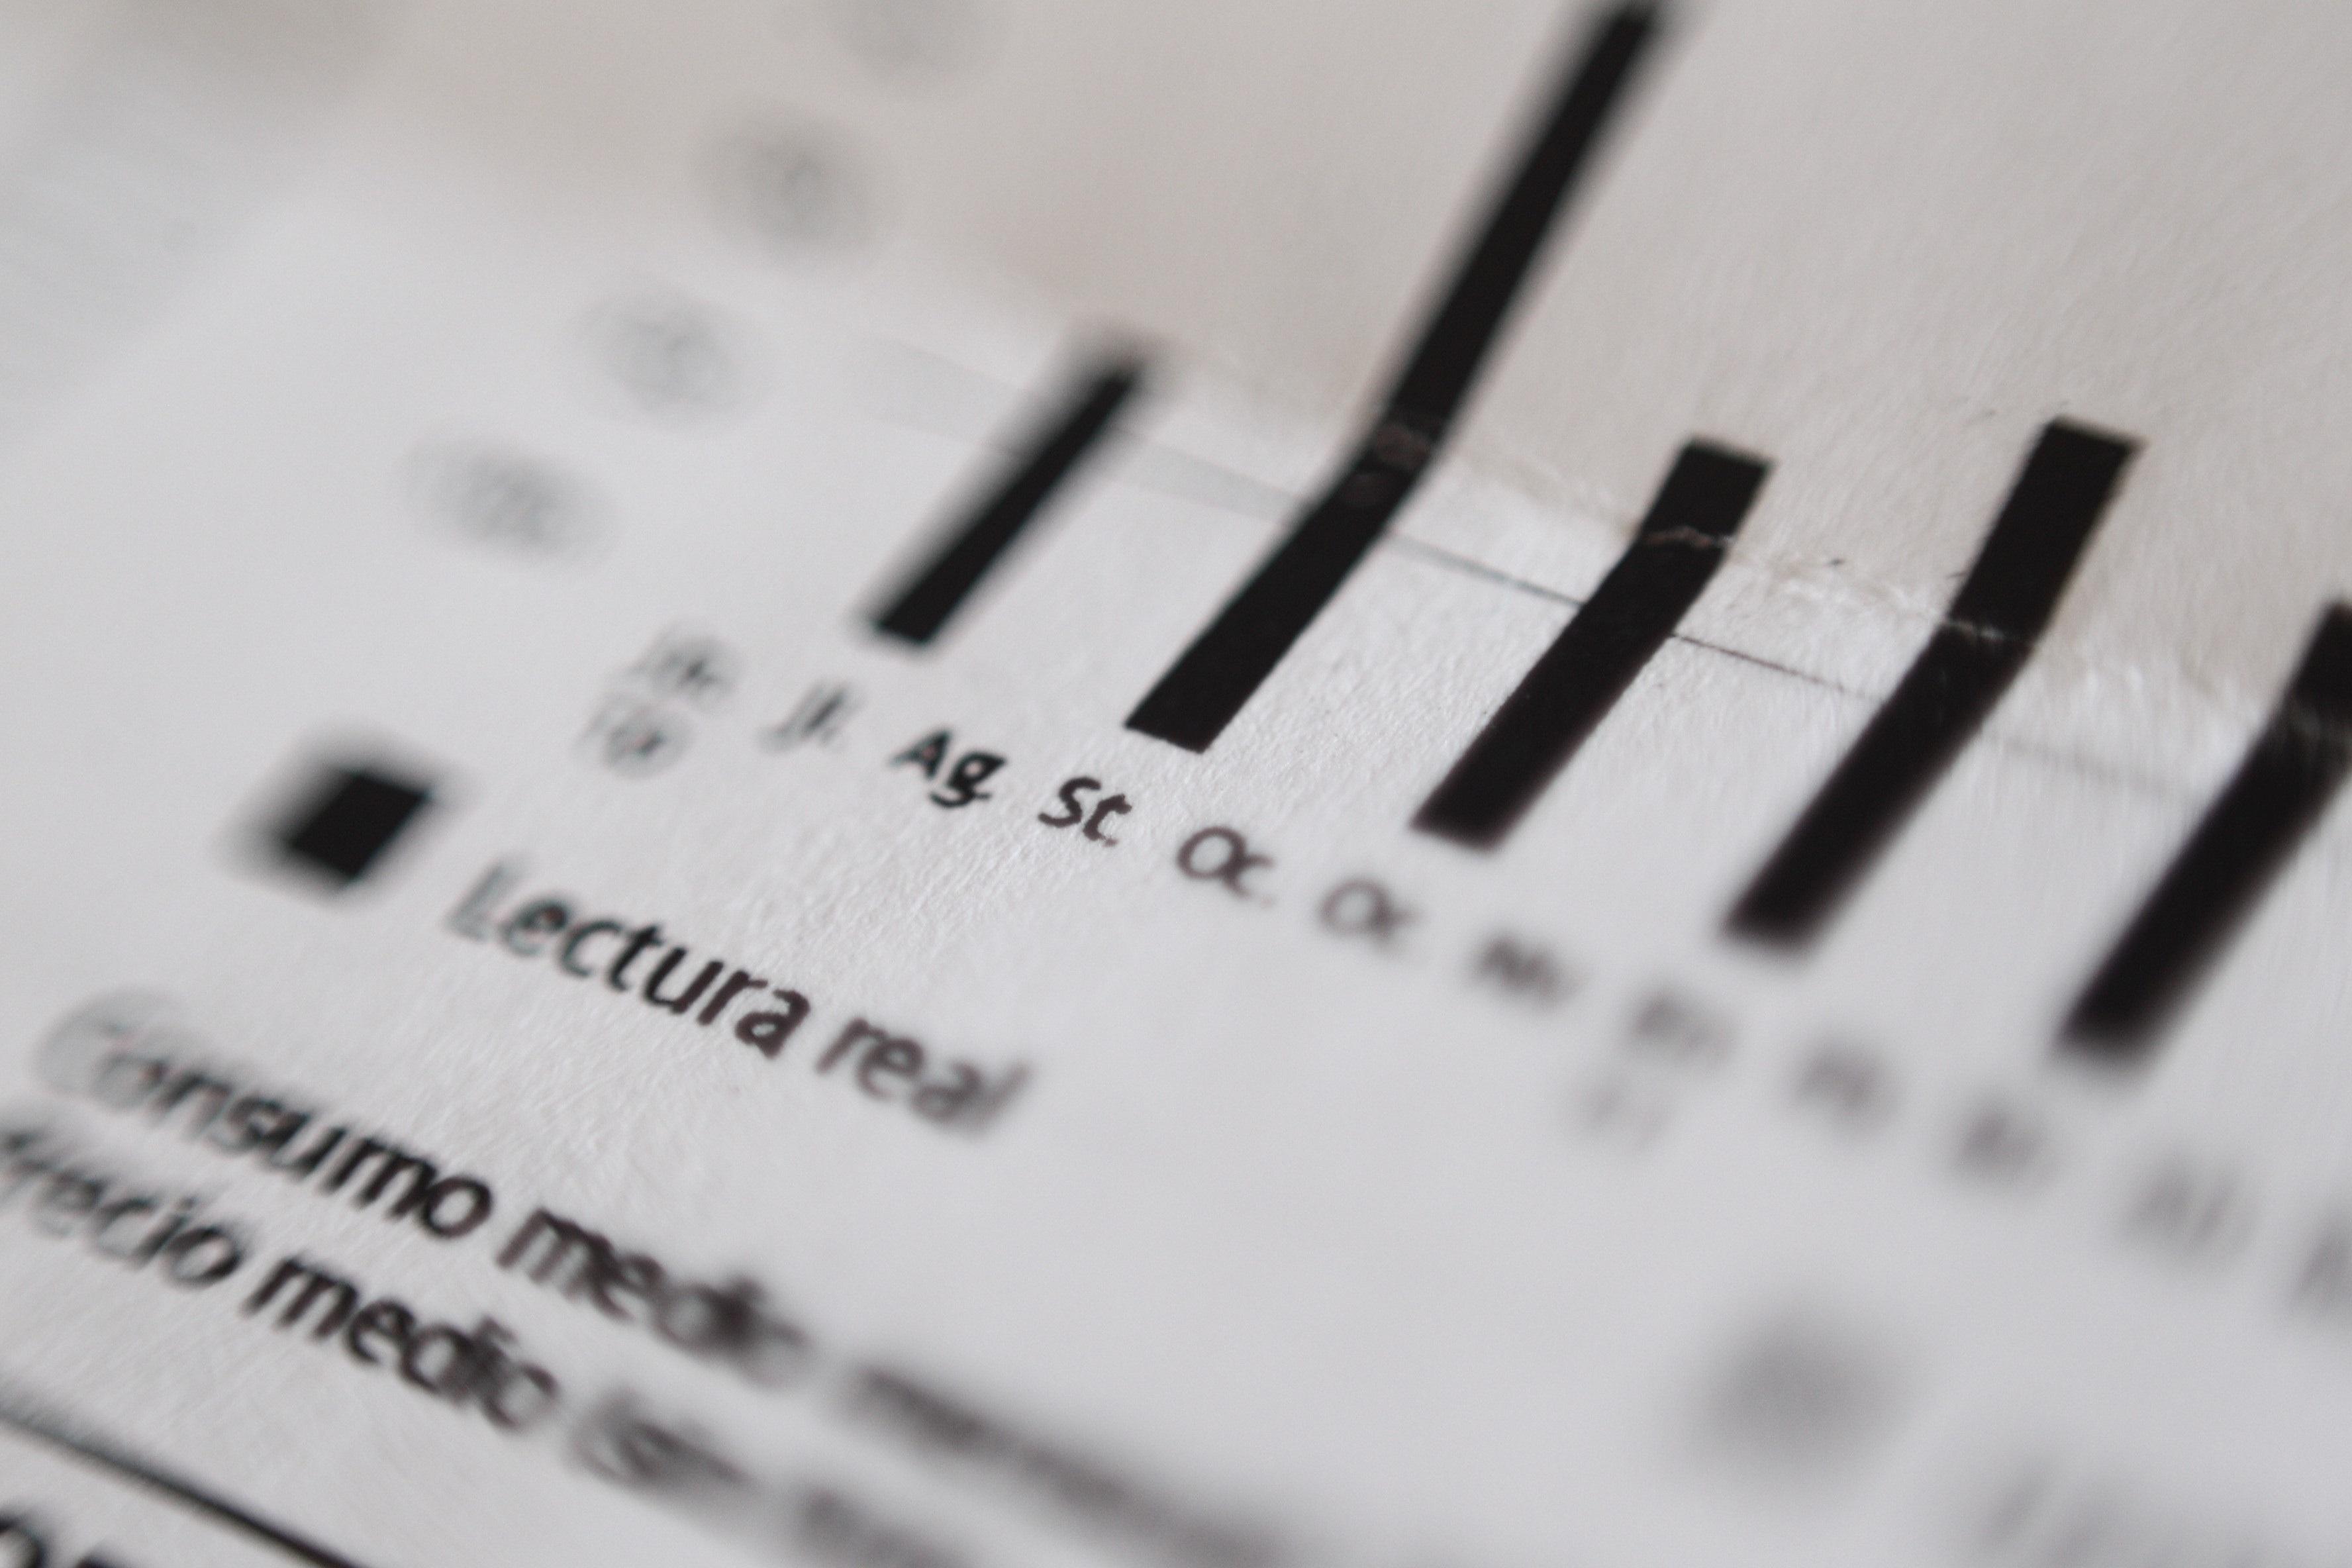 Sólo el 15% de los clientes asegura entender completamente la factura de la luz